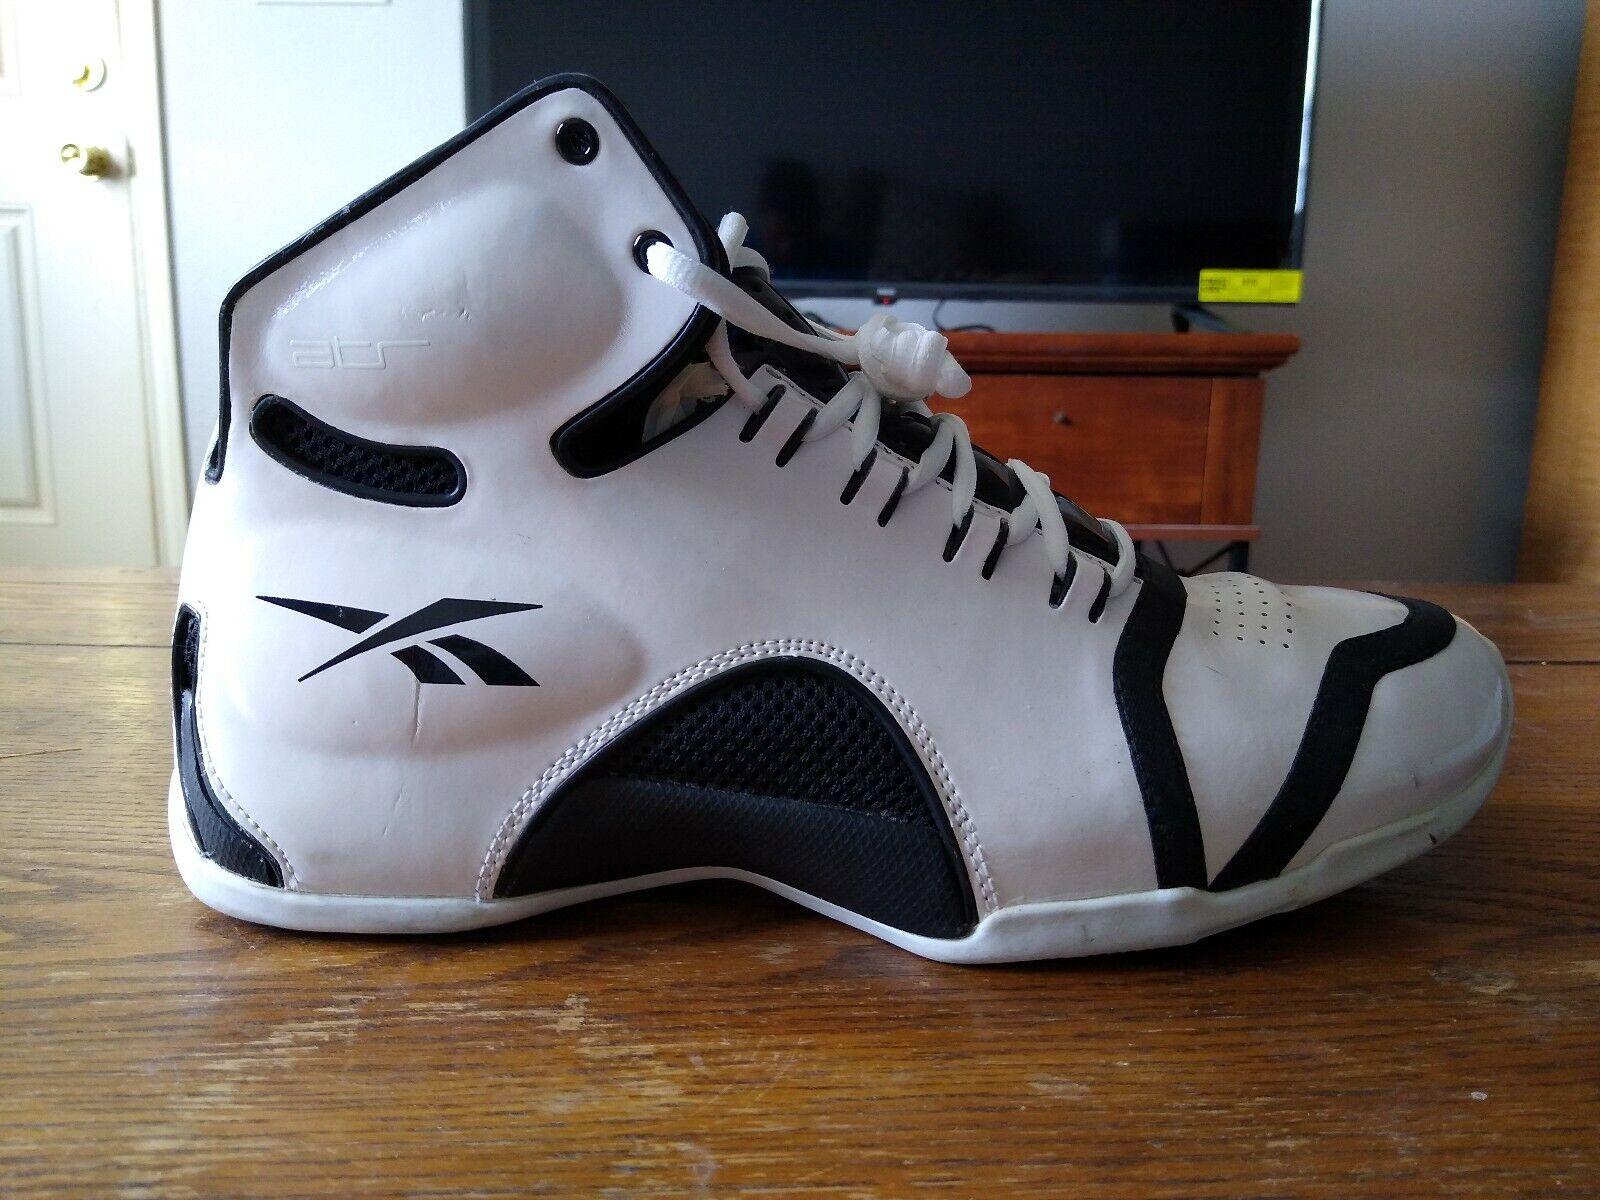 aniversario Orador Ordinario  Reebok ATR Black/White Basketball Shoes Size 12 | eBay